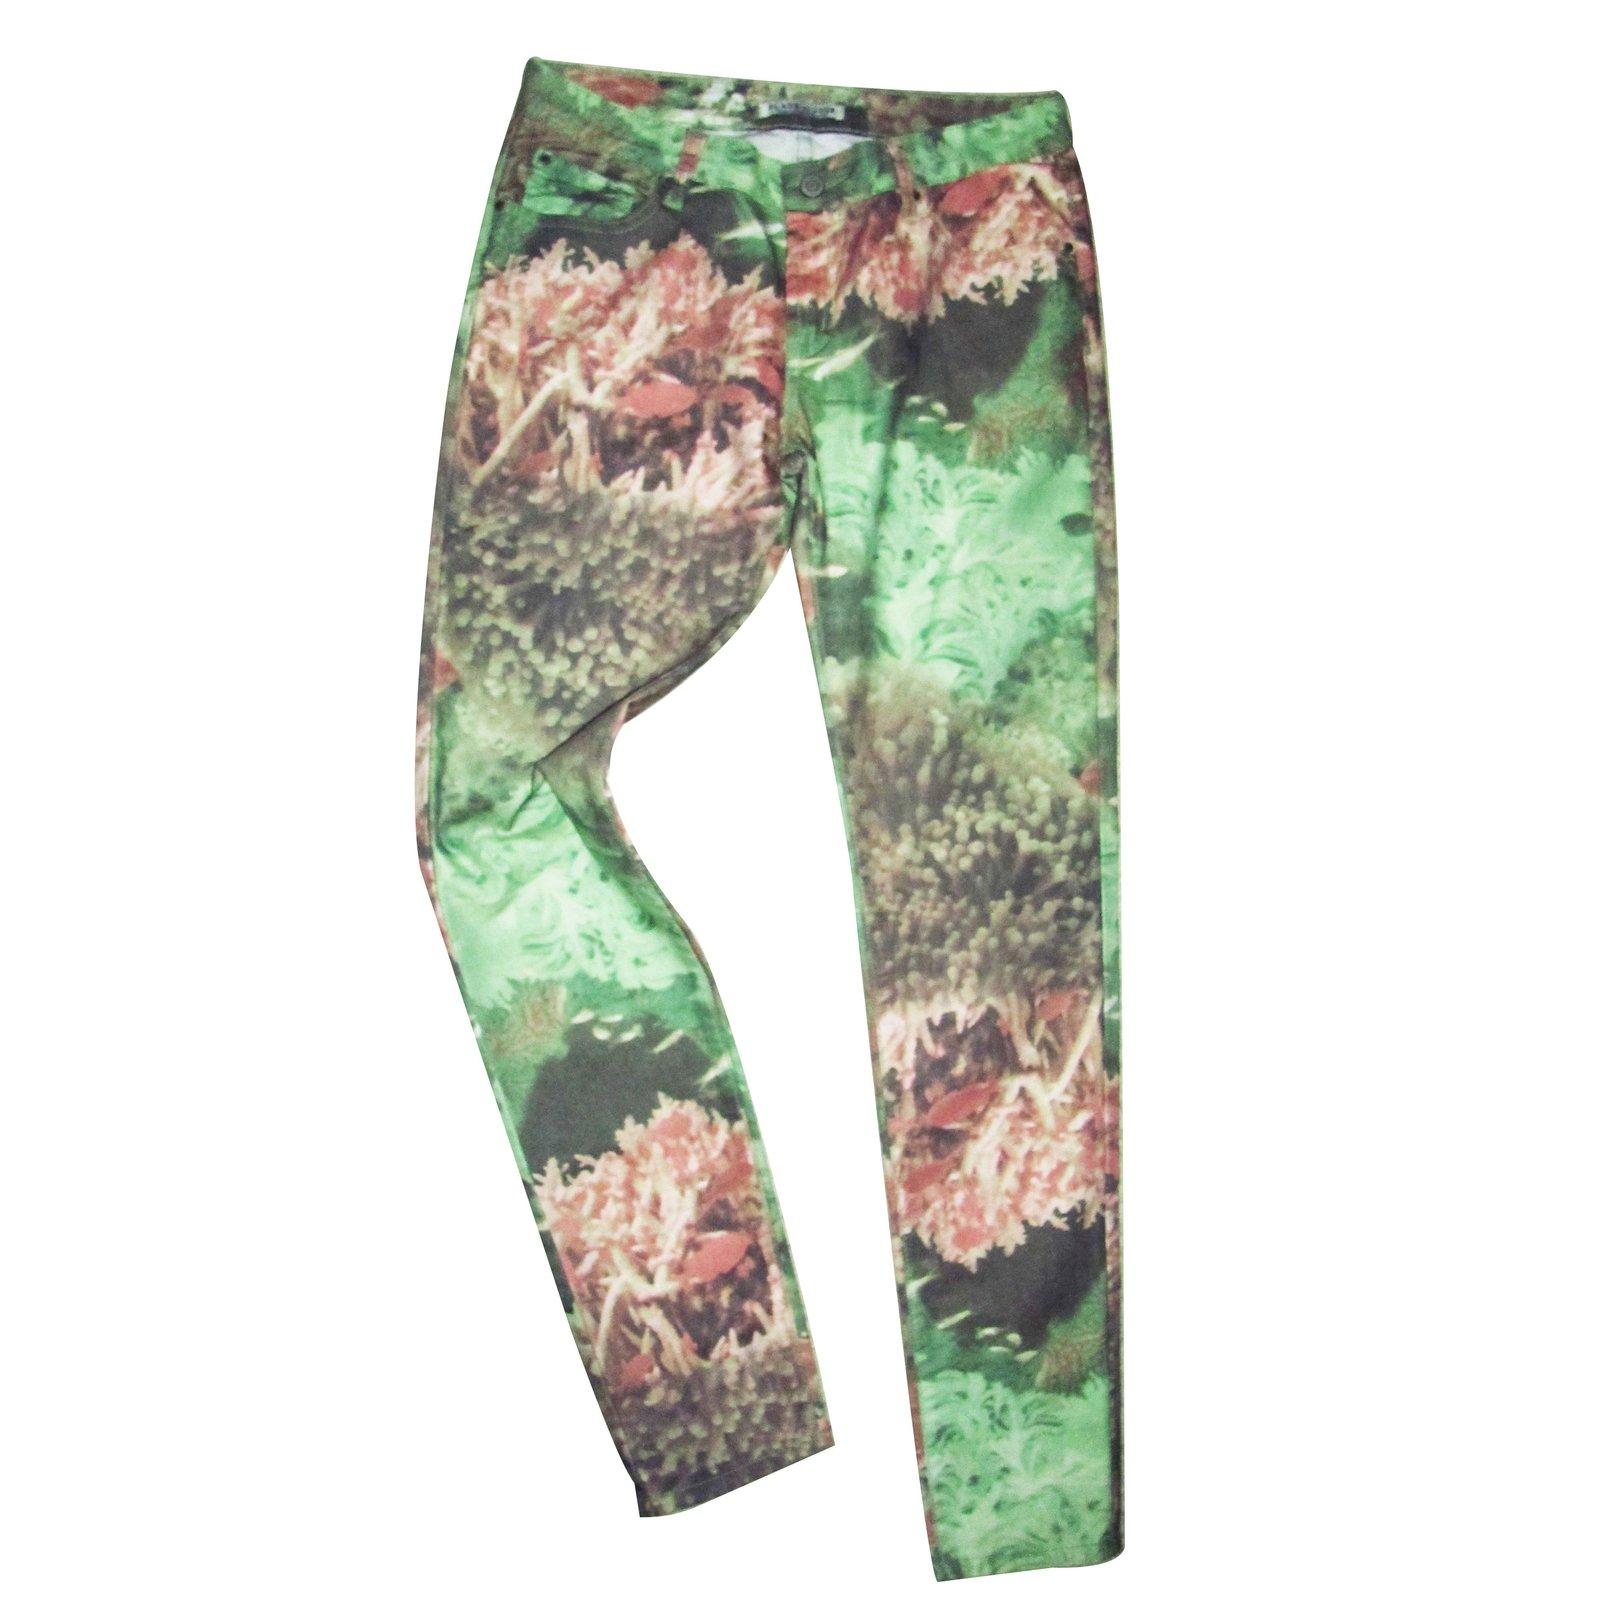 pantalons autre marque pantalon place du jour autre multicolore joli closet